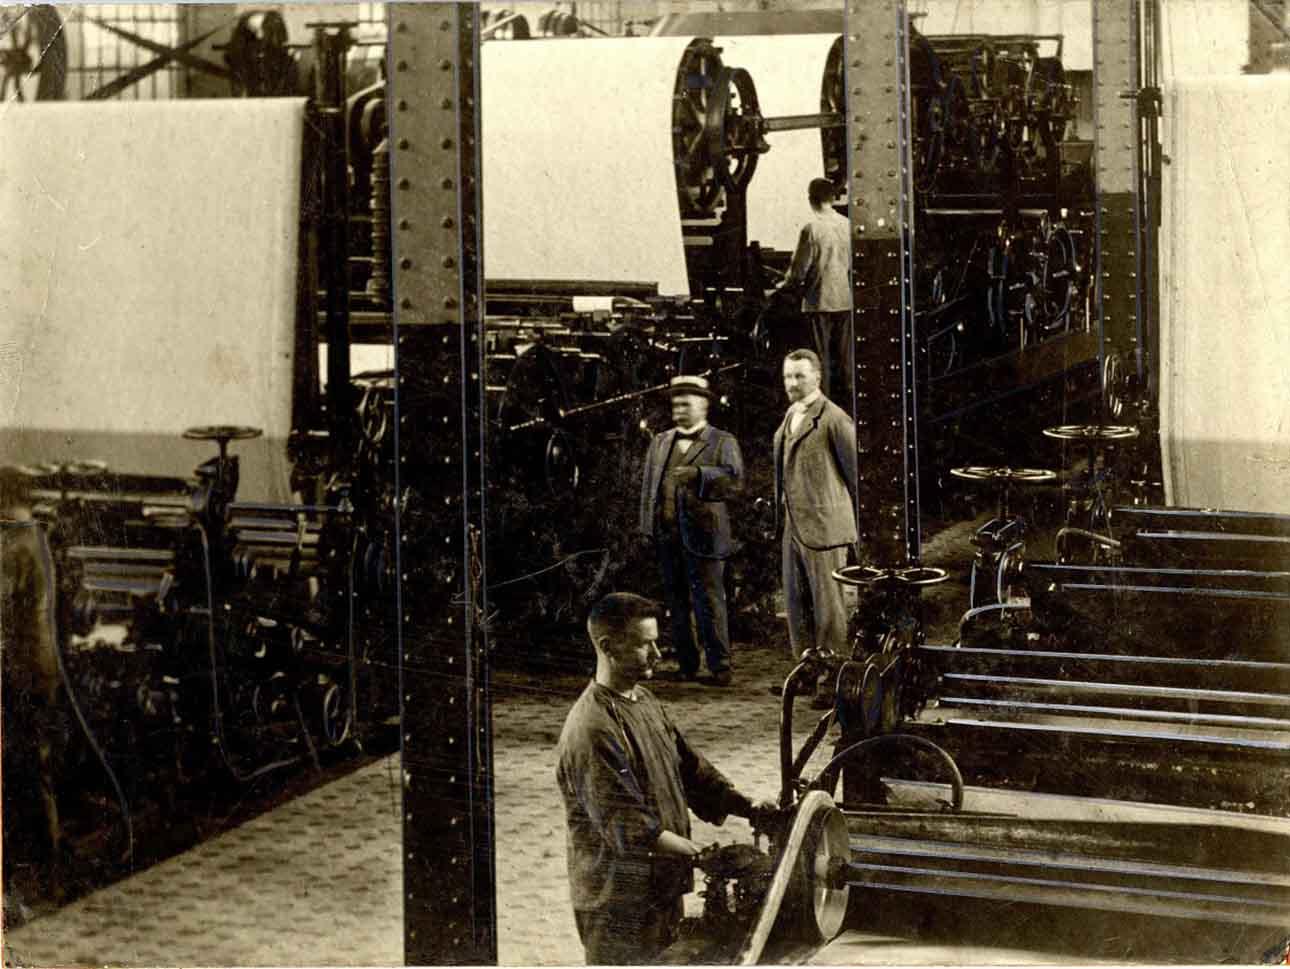 На бумагоделательной фабрике Zanders, около 1900 года